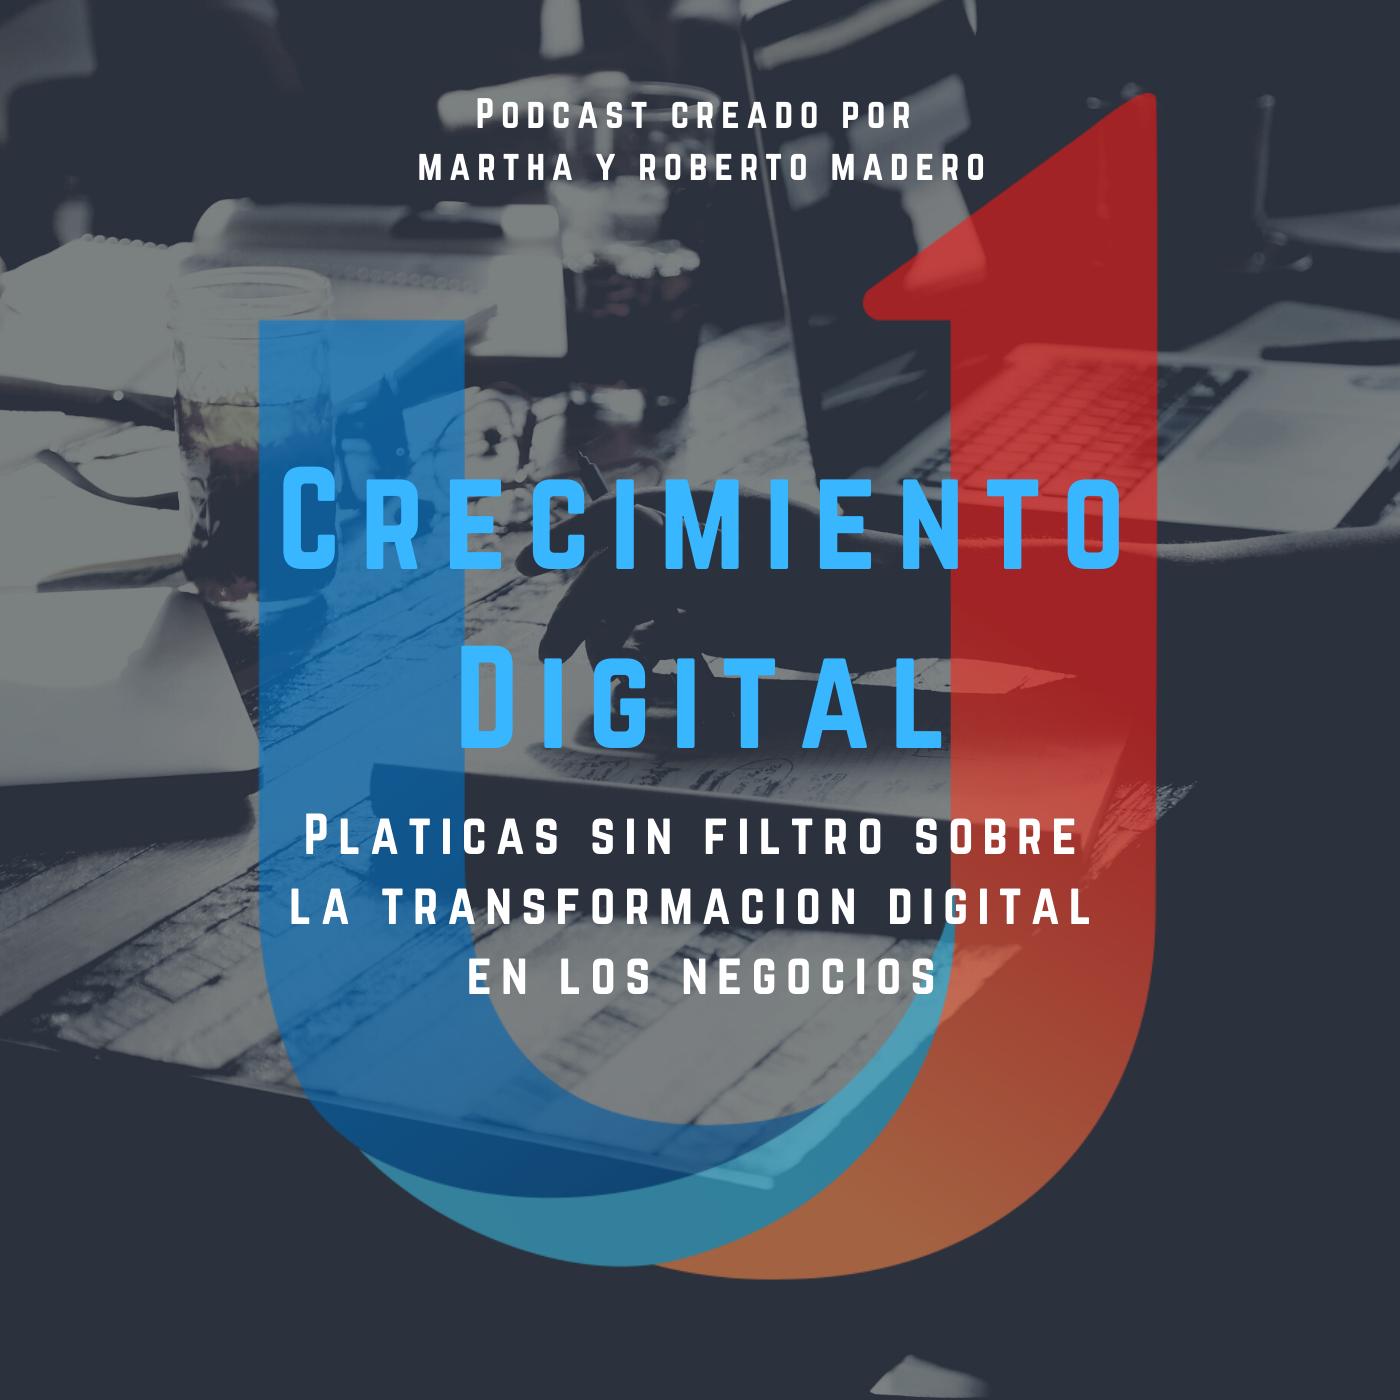 Crecimiento Digital El Podcast